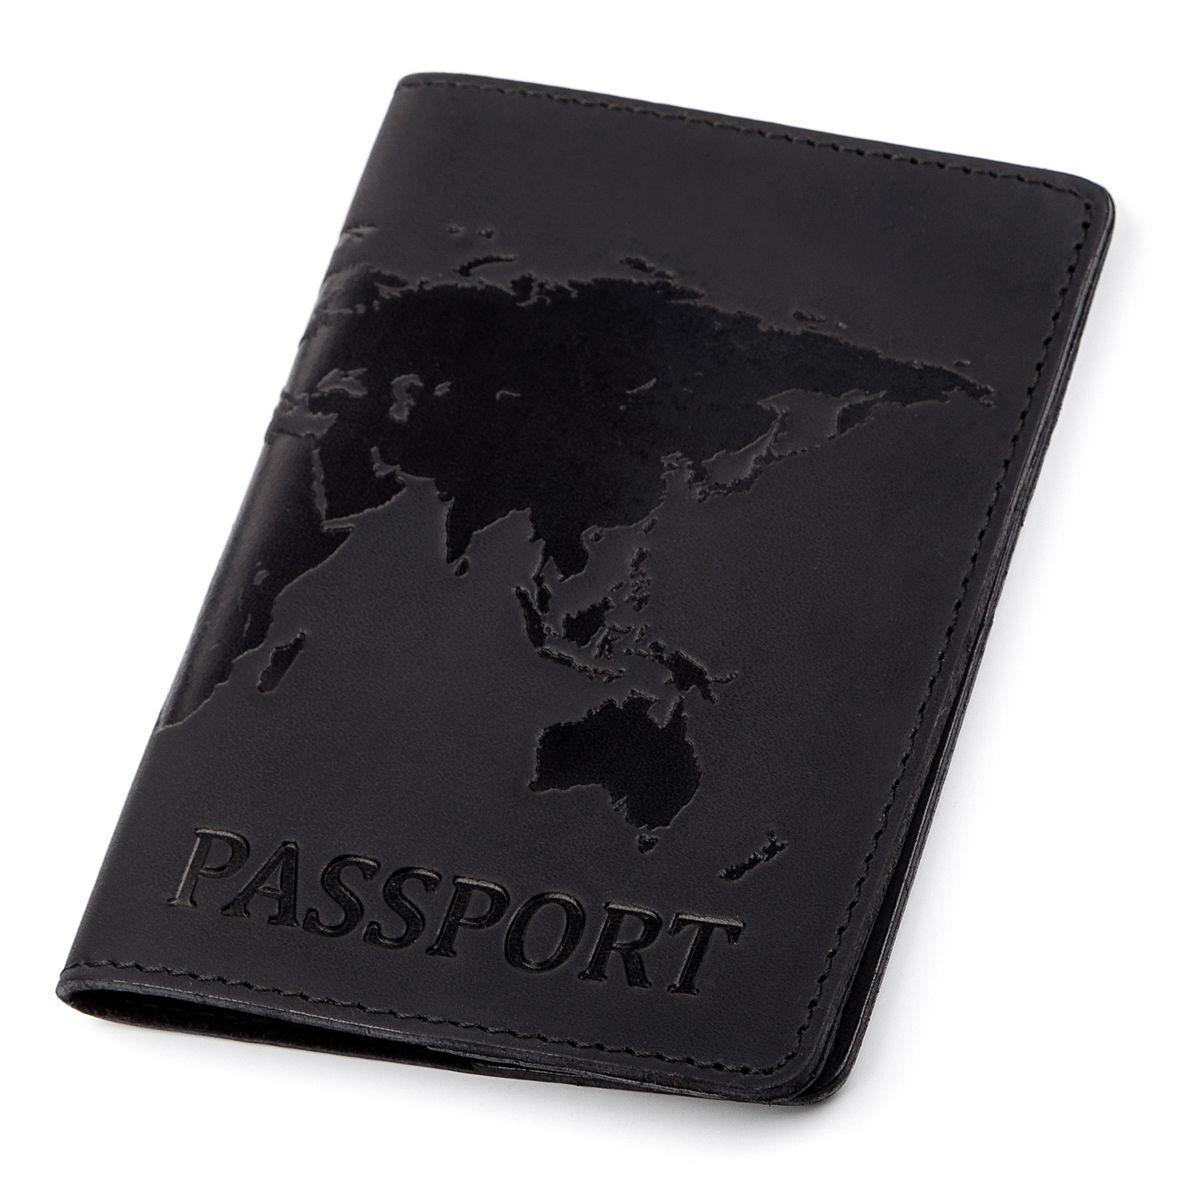 Обложка На Паспорт Shvigel 13921 Кожаная Черная, Черный